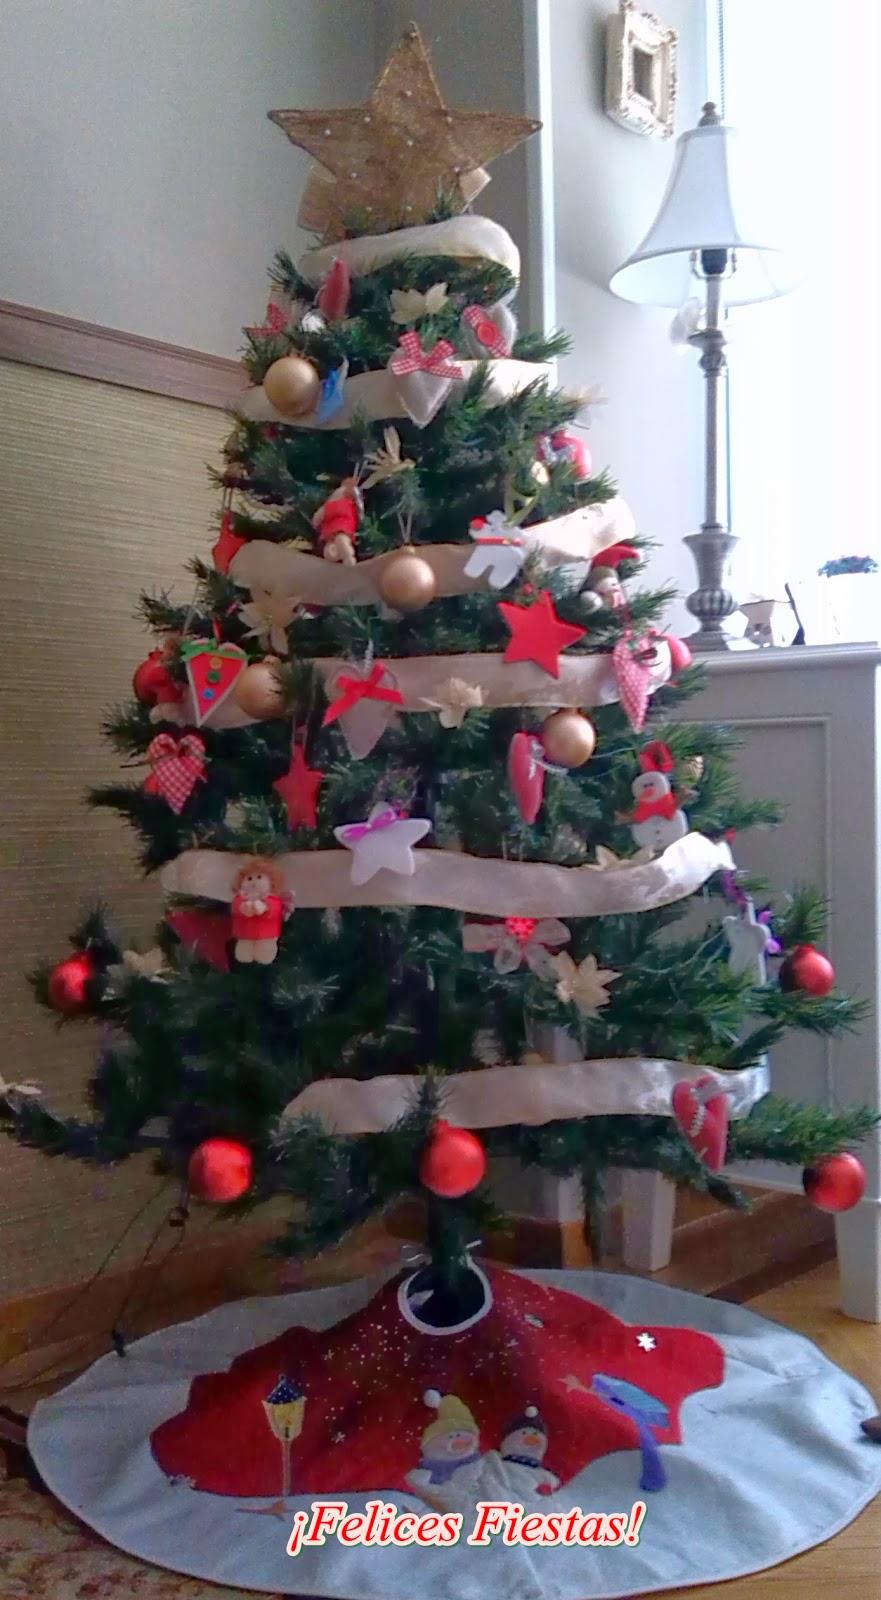 Lazos y picunelas decoraci n navide a 2013 - Decoracion navidena 2013 ...